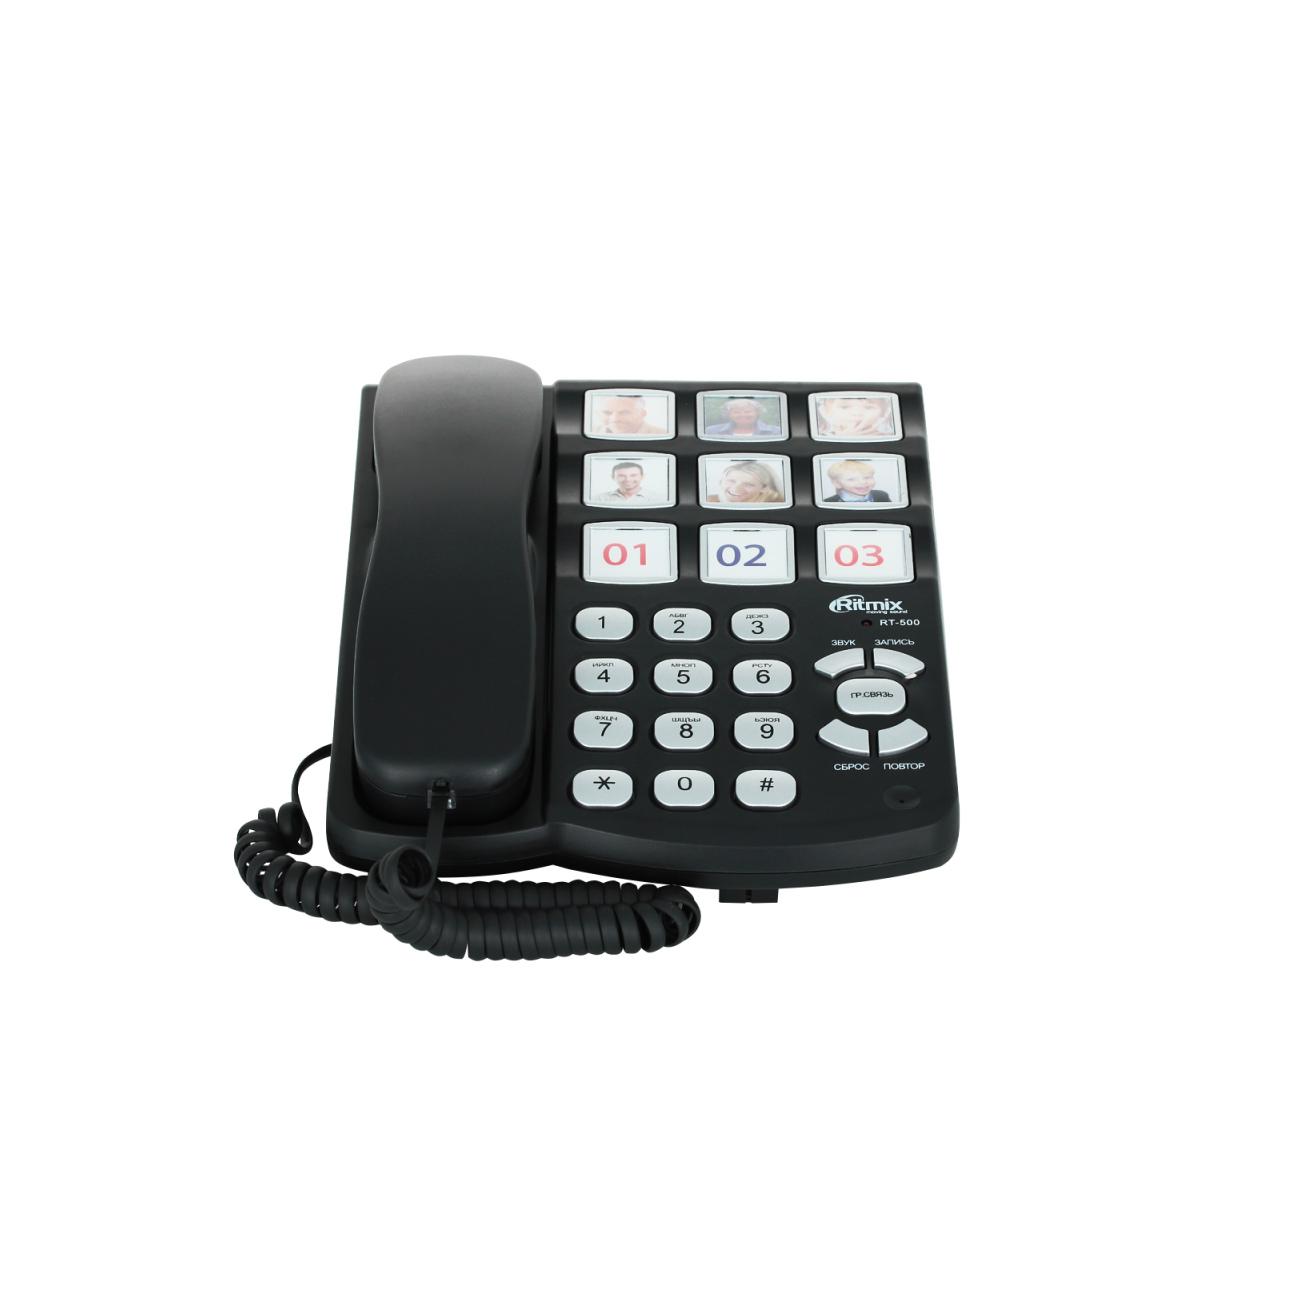 Телефон проводной ritmix rt 500 black купить